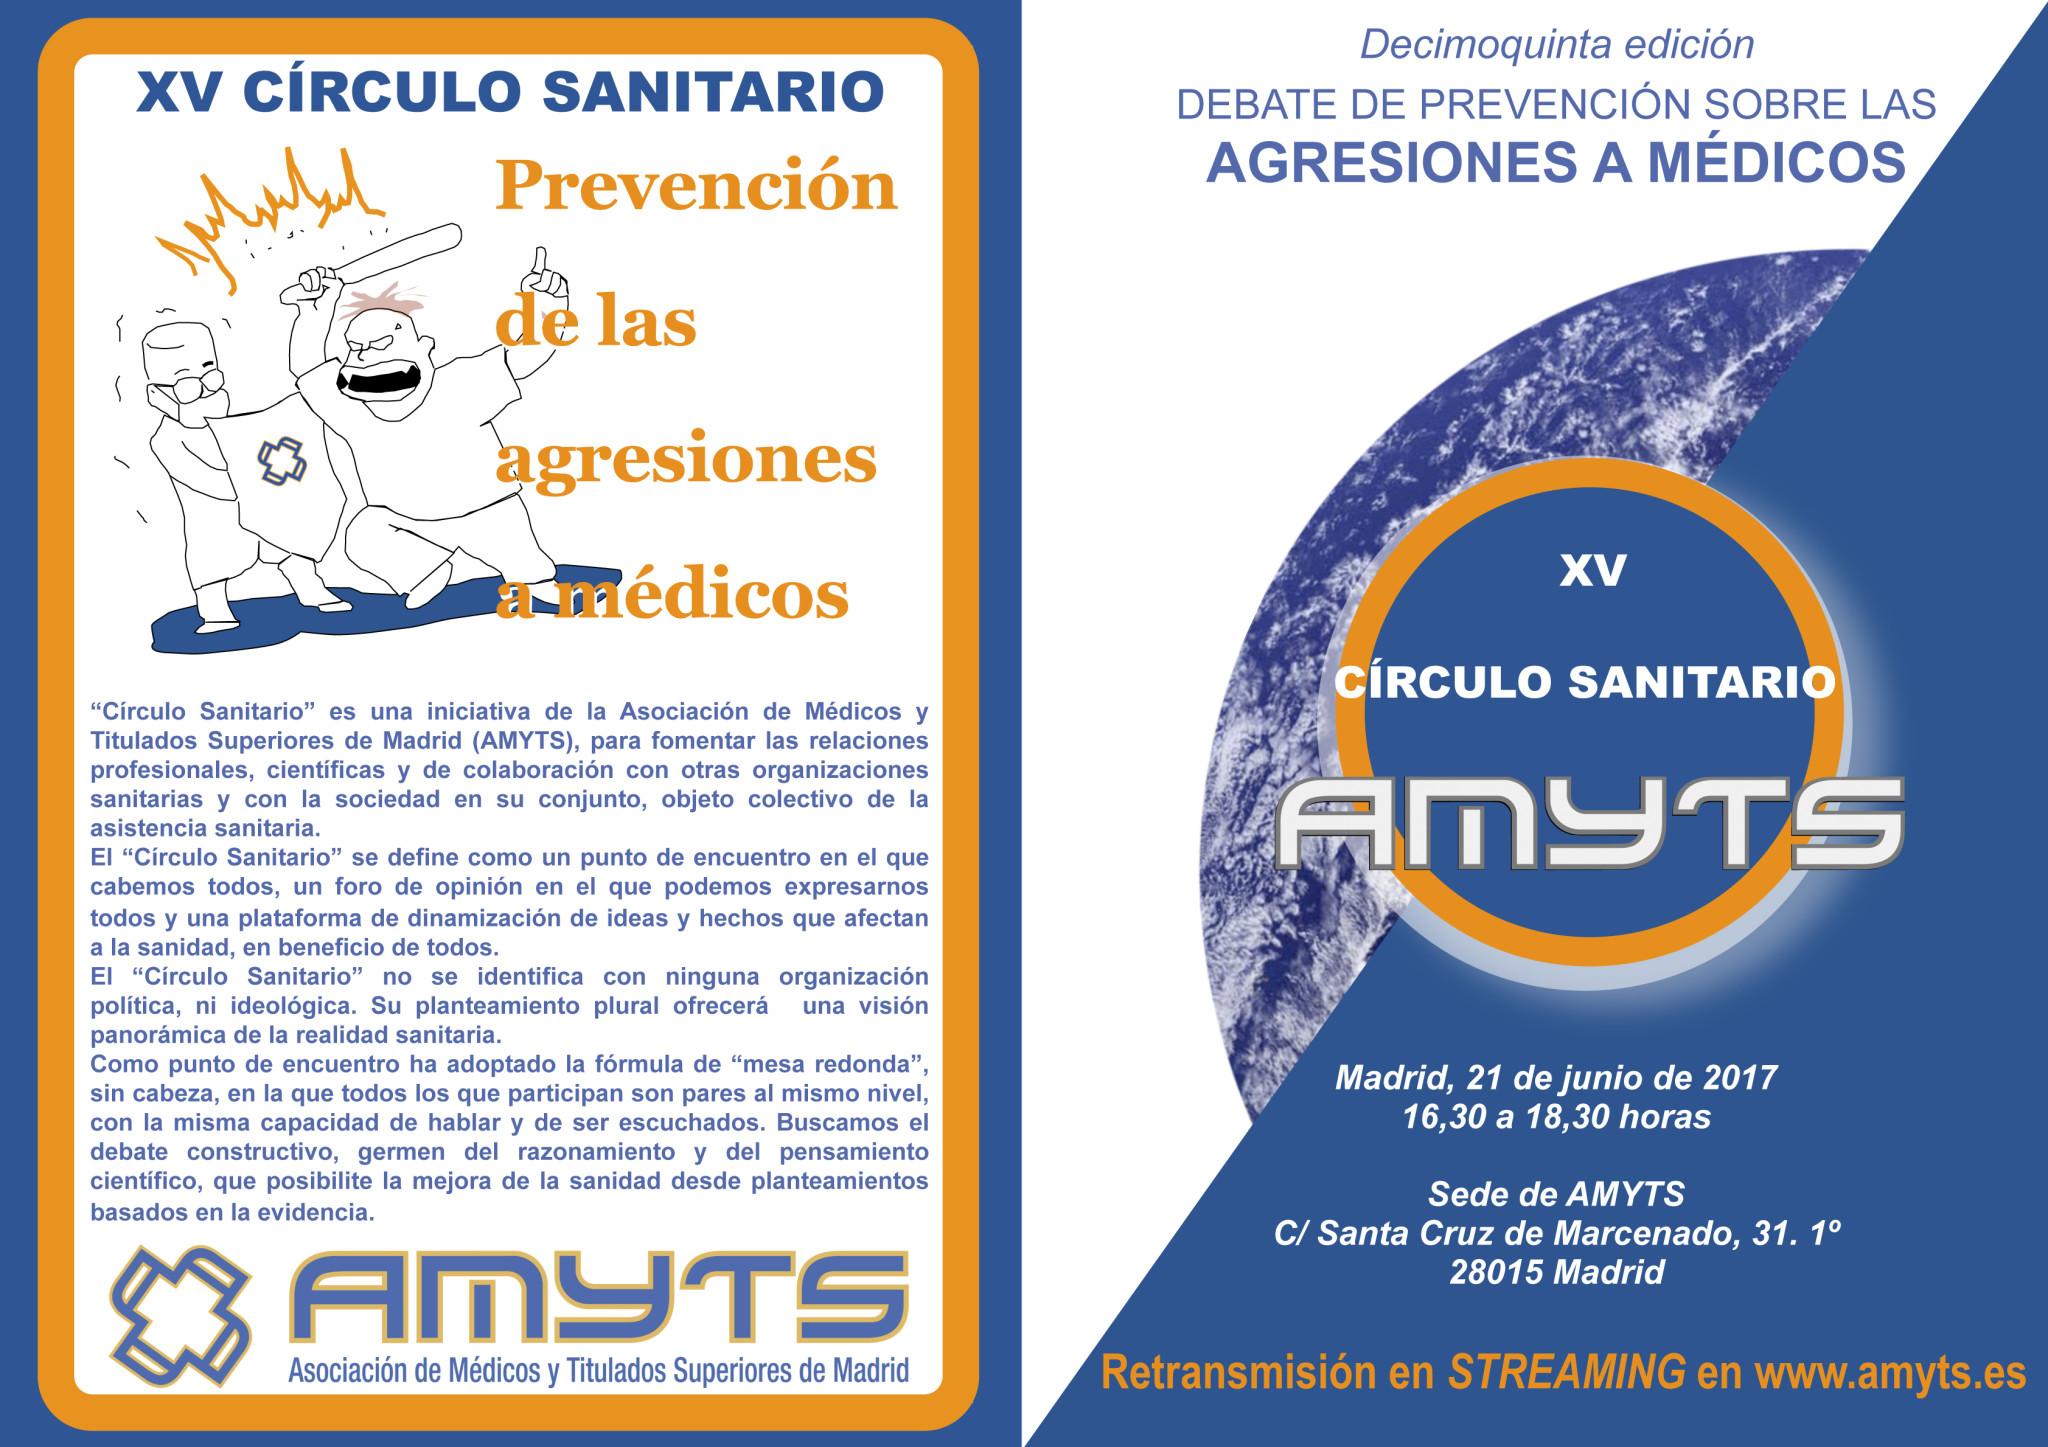 Diptico XV Circulo Sanitario Prevención agresiones  version 3